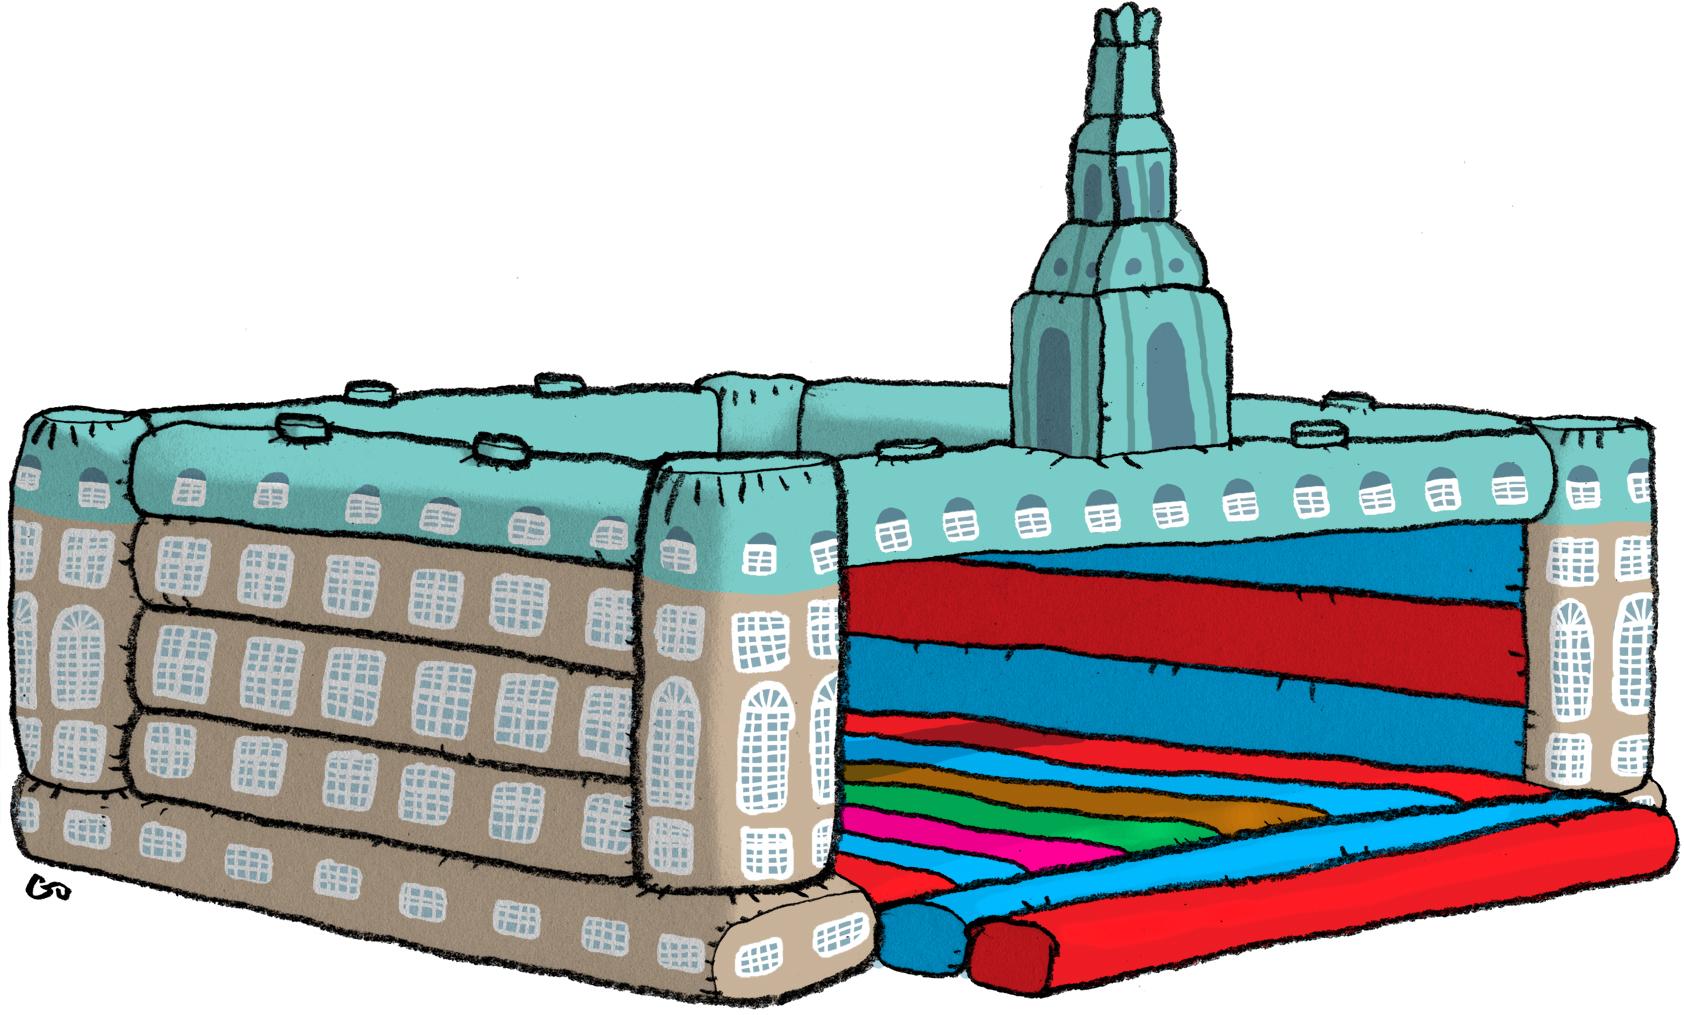 Ugebrevet A4, gs, Gitte Skov, cartoonist, folketinget, Danish government, Christiansborg, hoppeborg, danske politikere